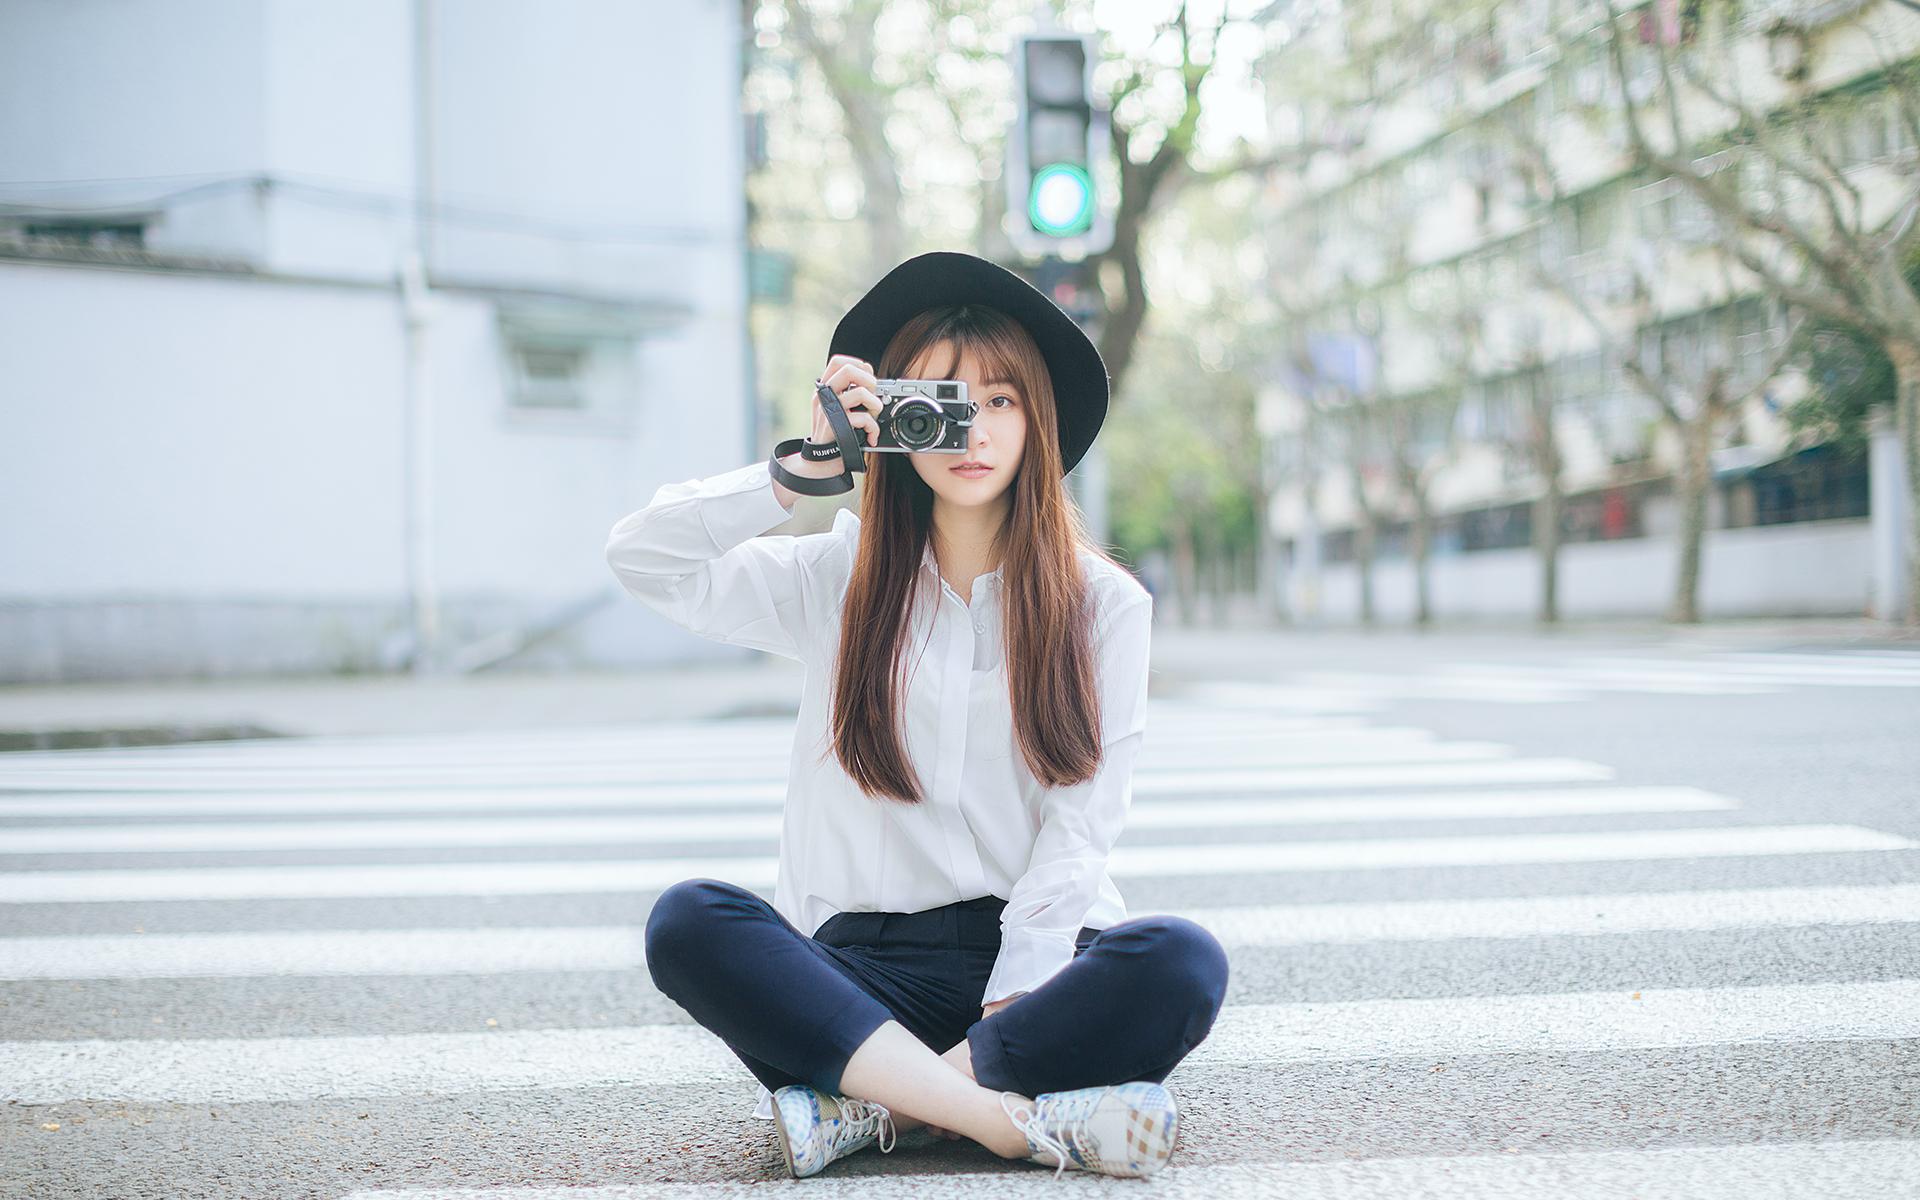 文艺美女街拍写真图片